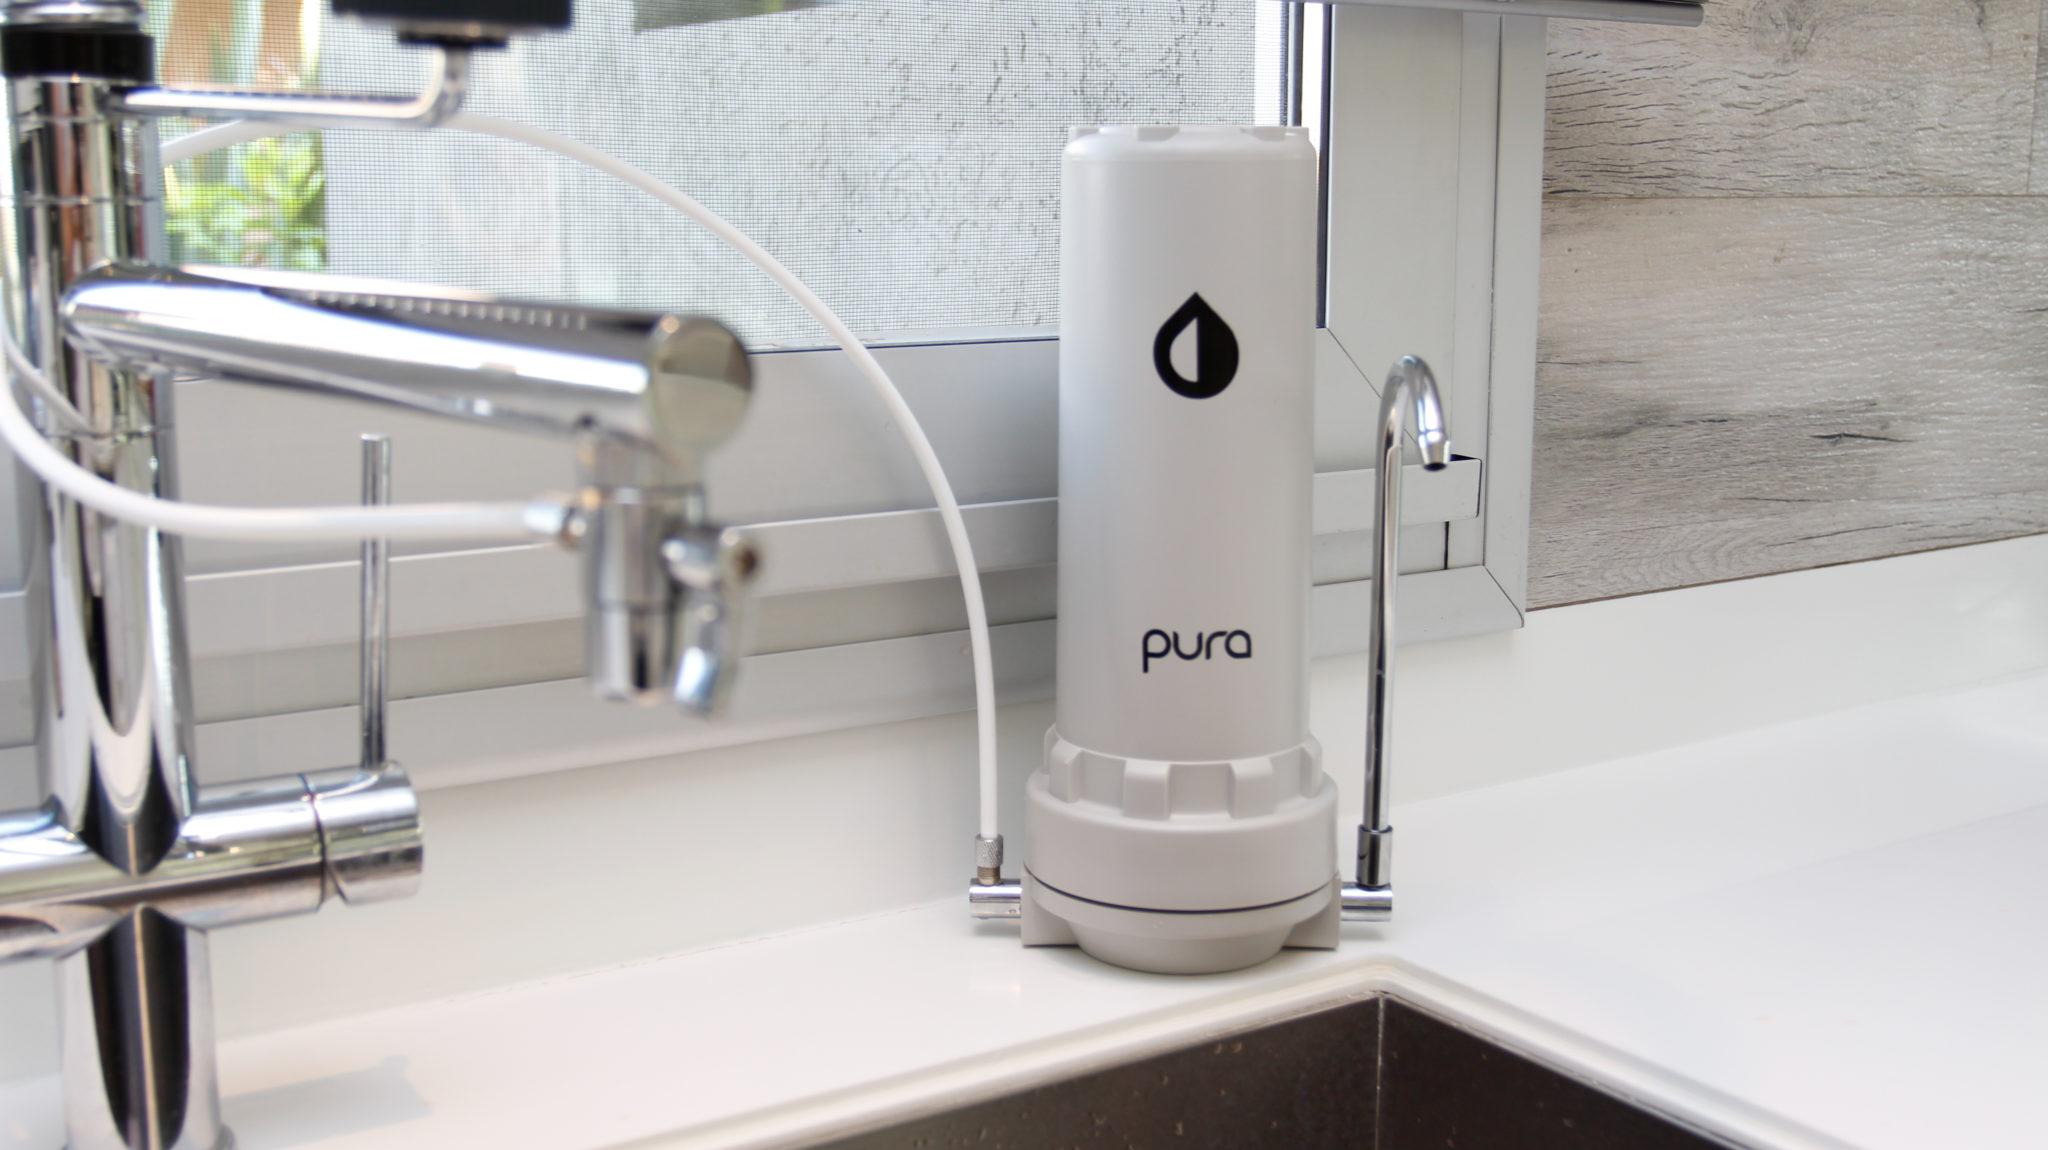 purificadores de agua baratos